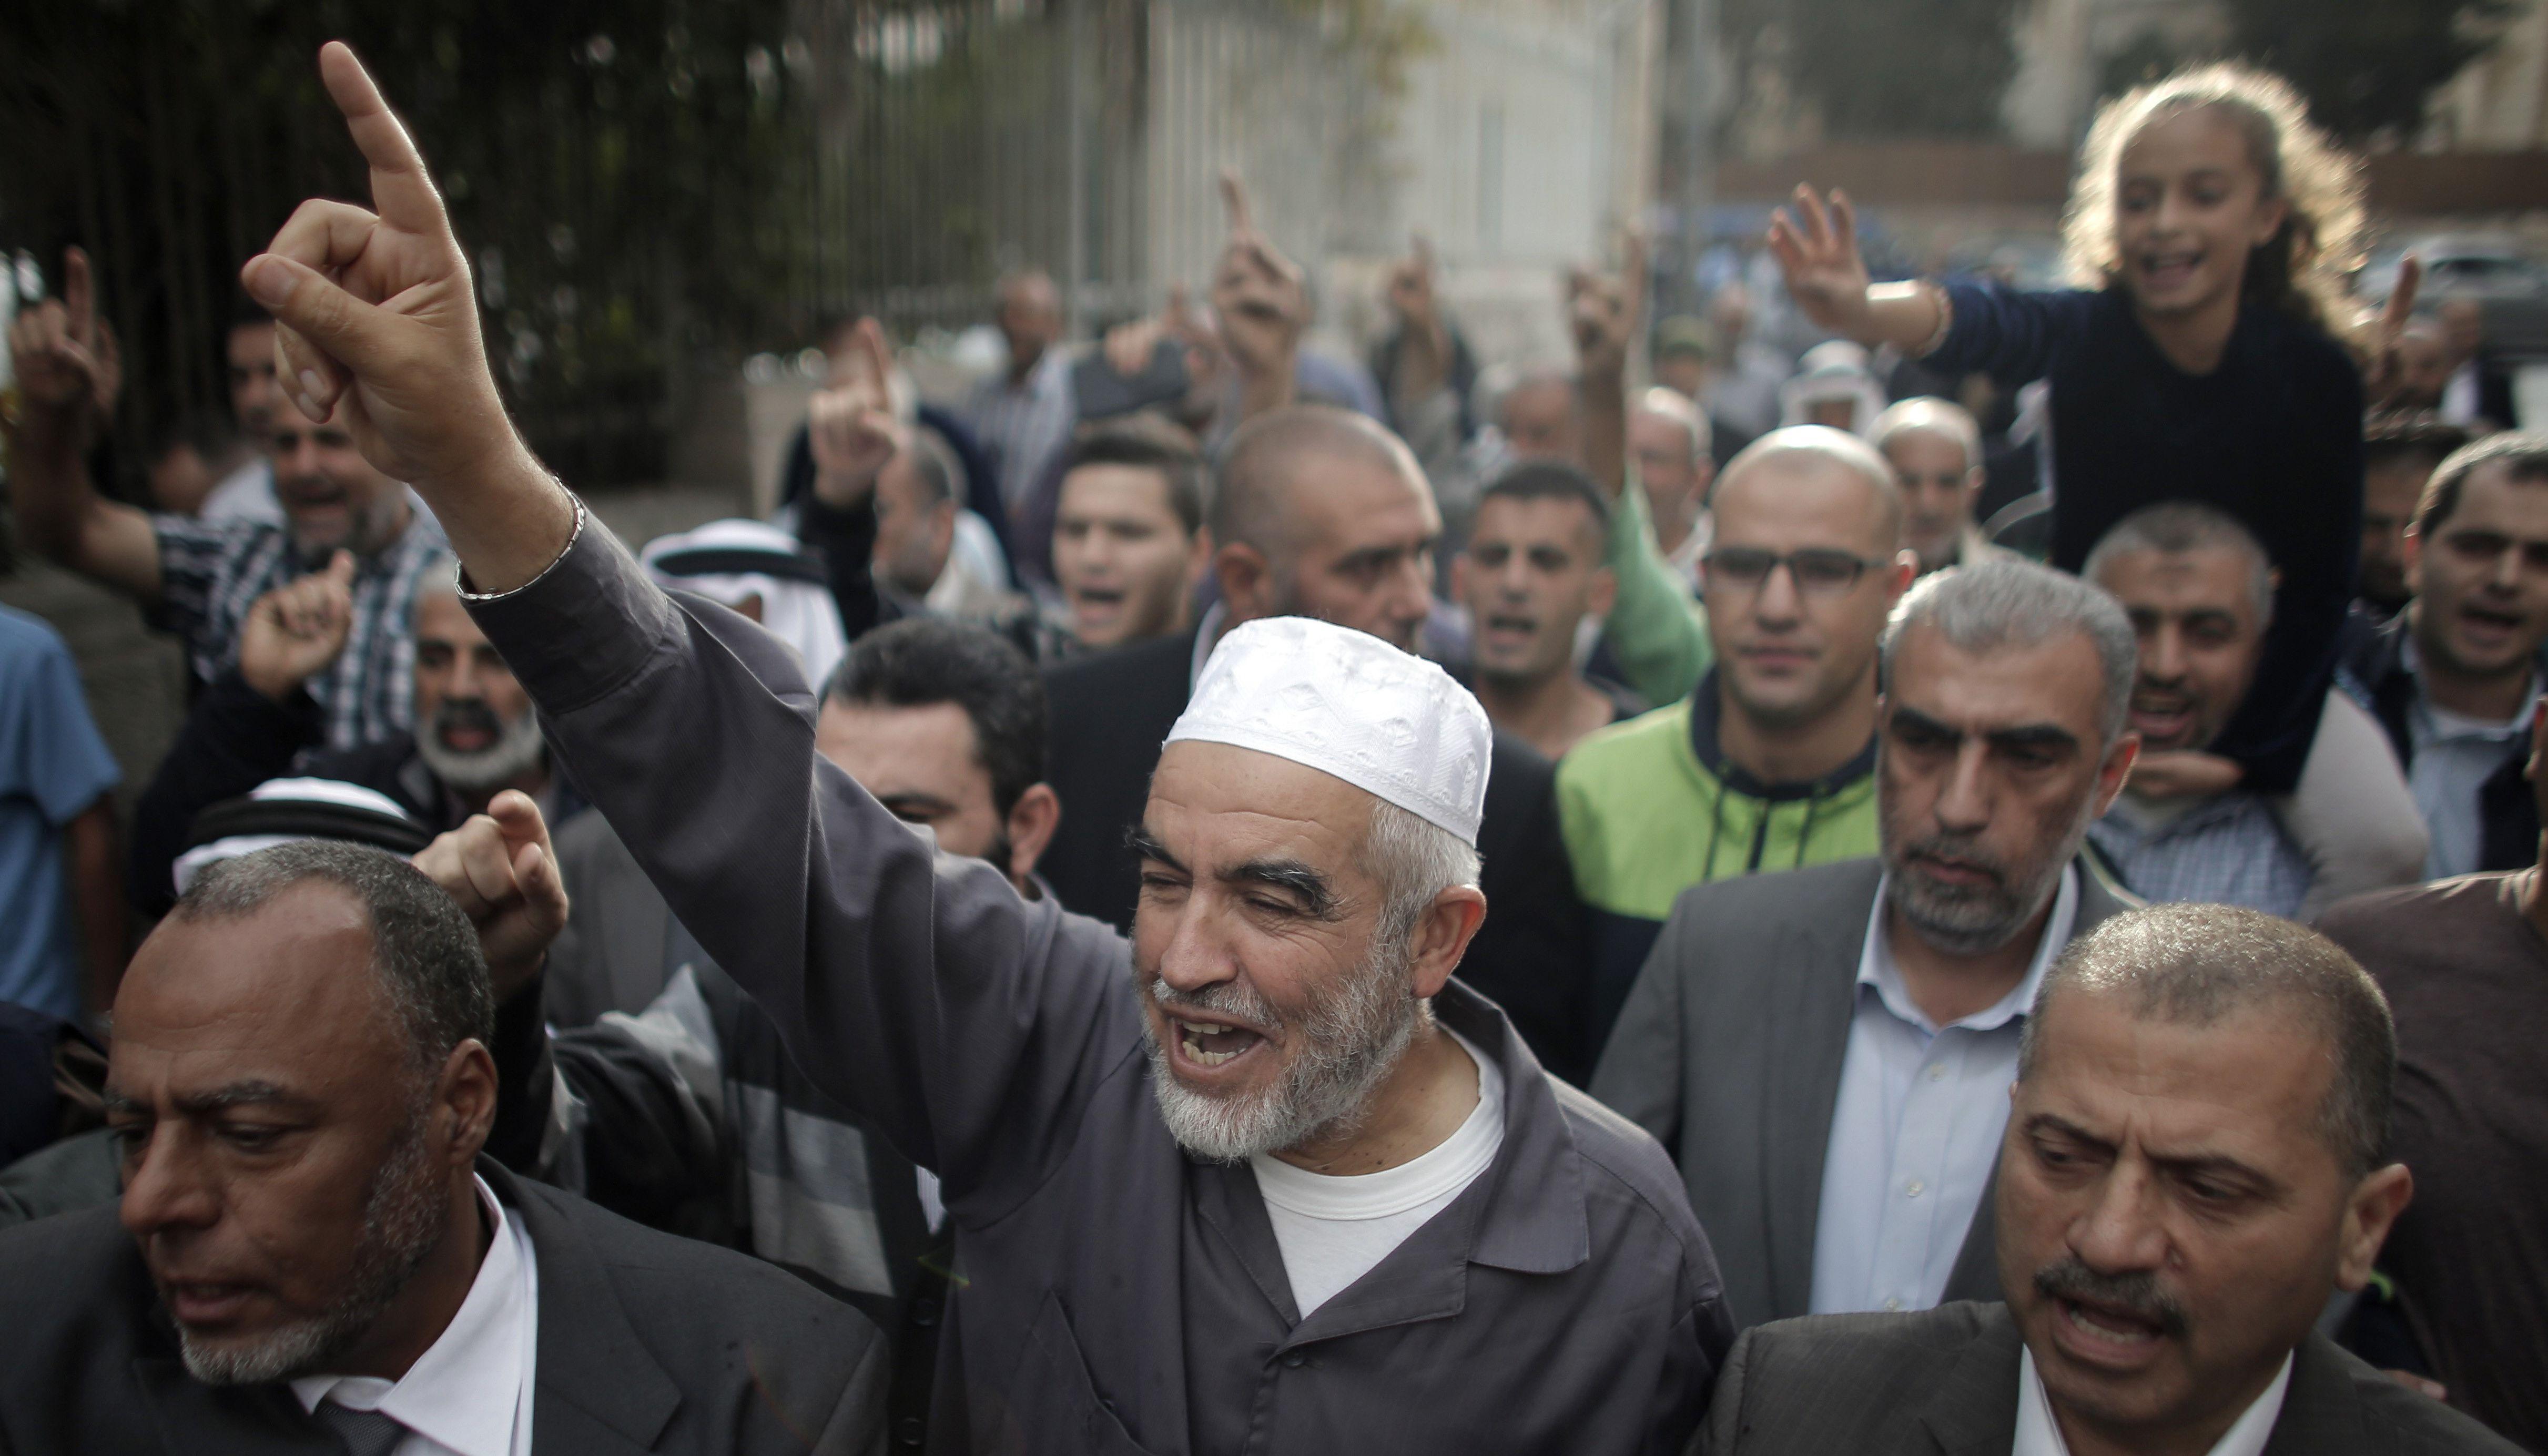 mjc: release shaykh raed salah - sheik raed salah 1027 1445969998 - MJC: Release Shaykh Raed Salah